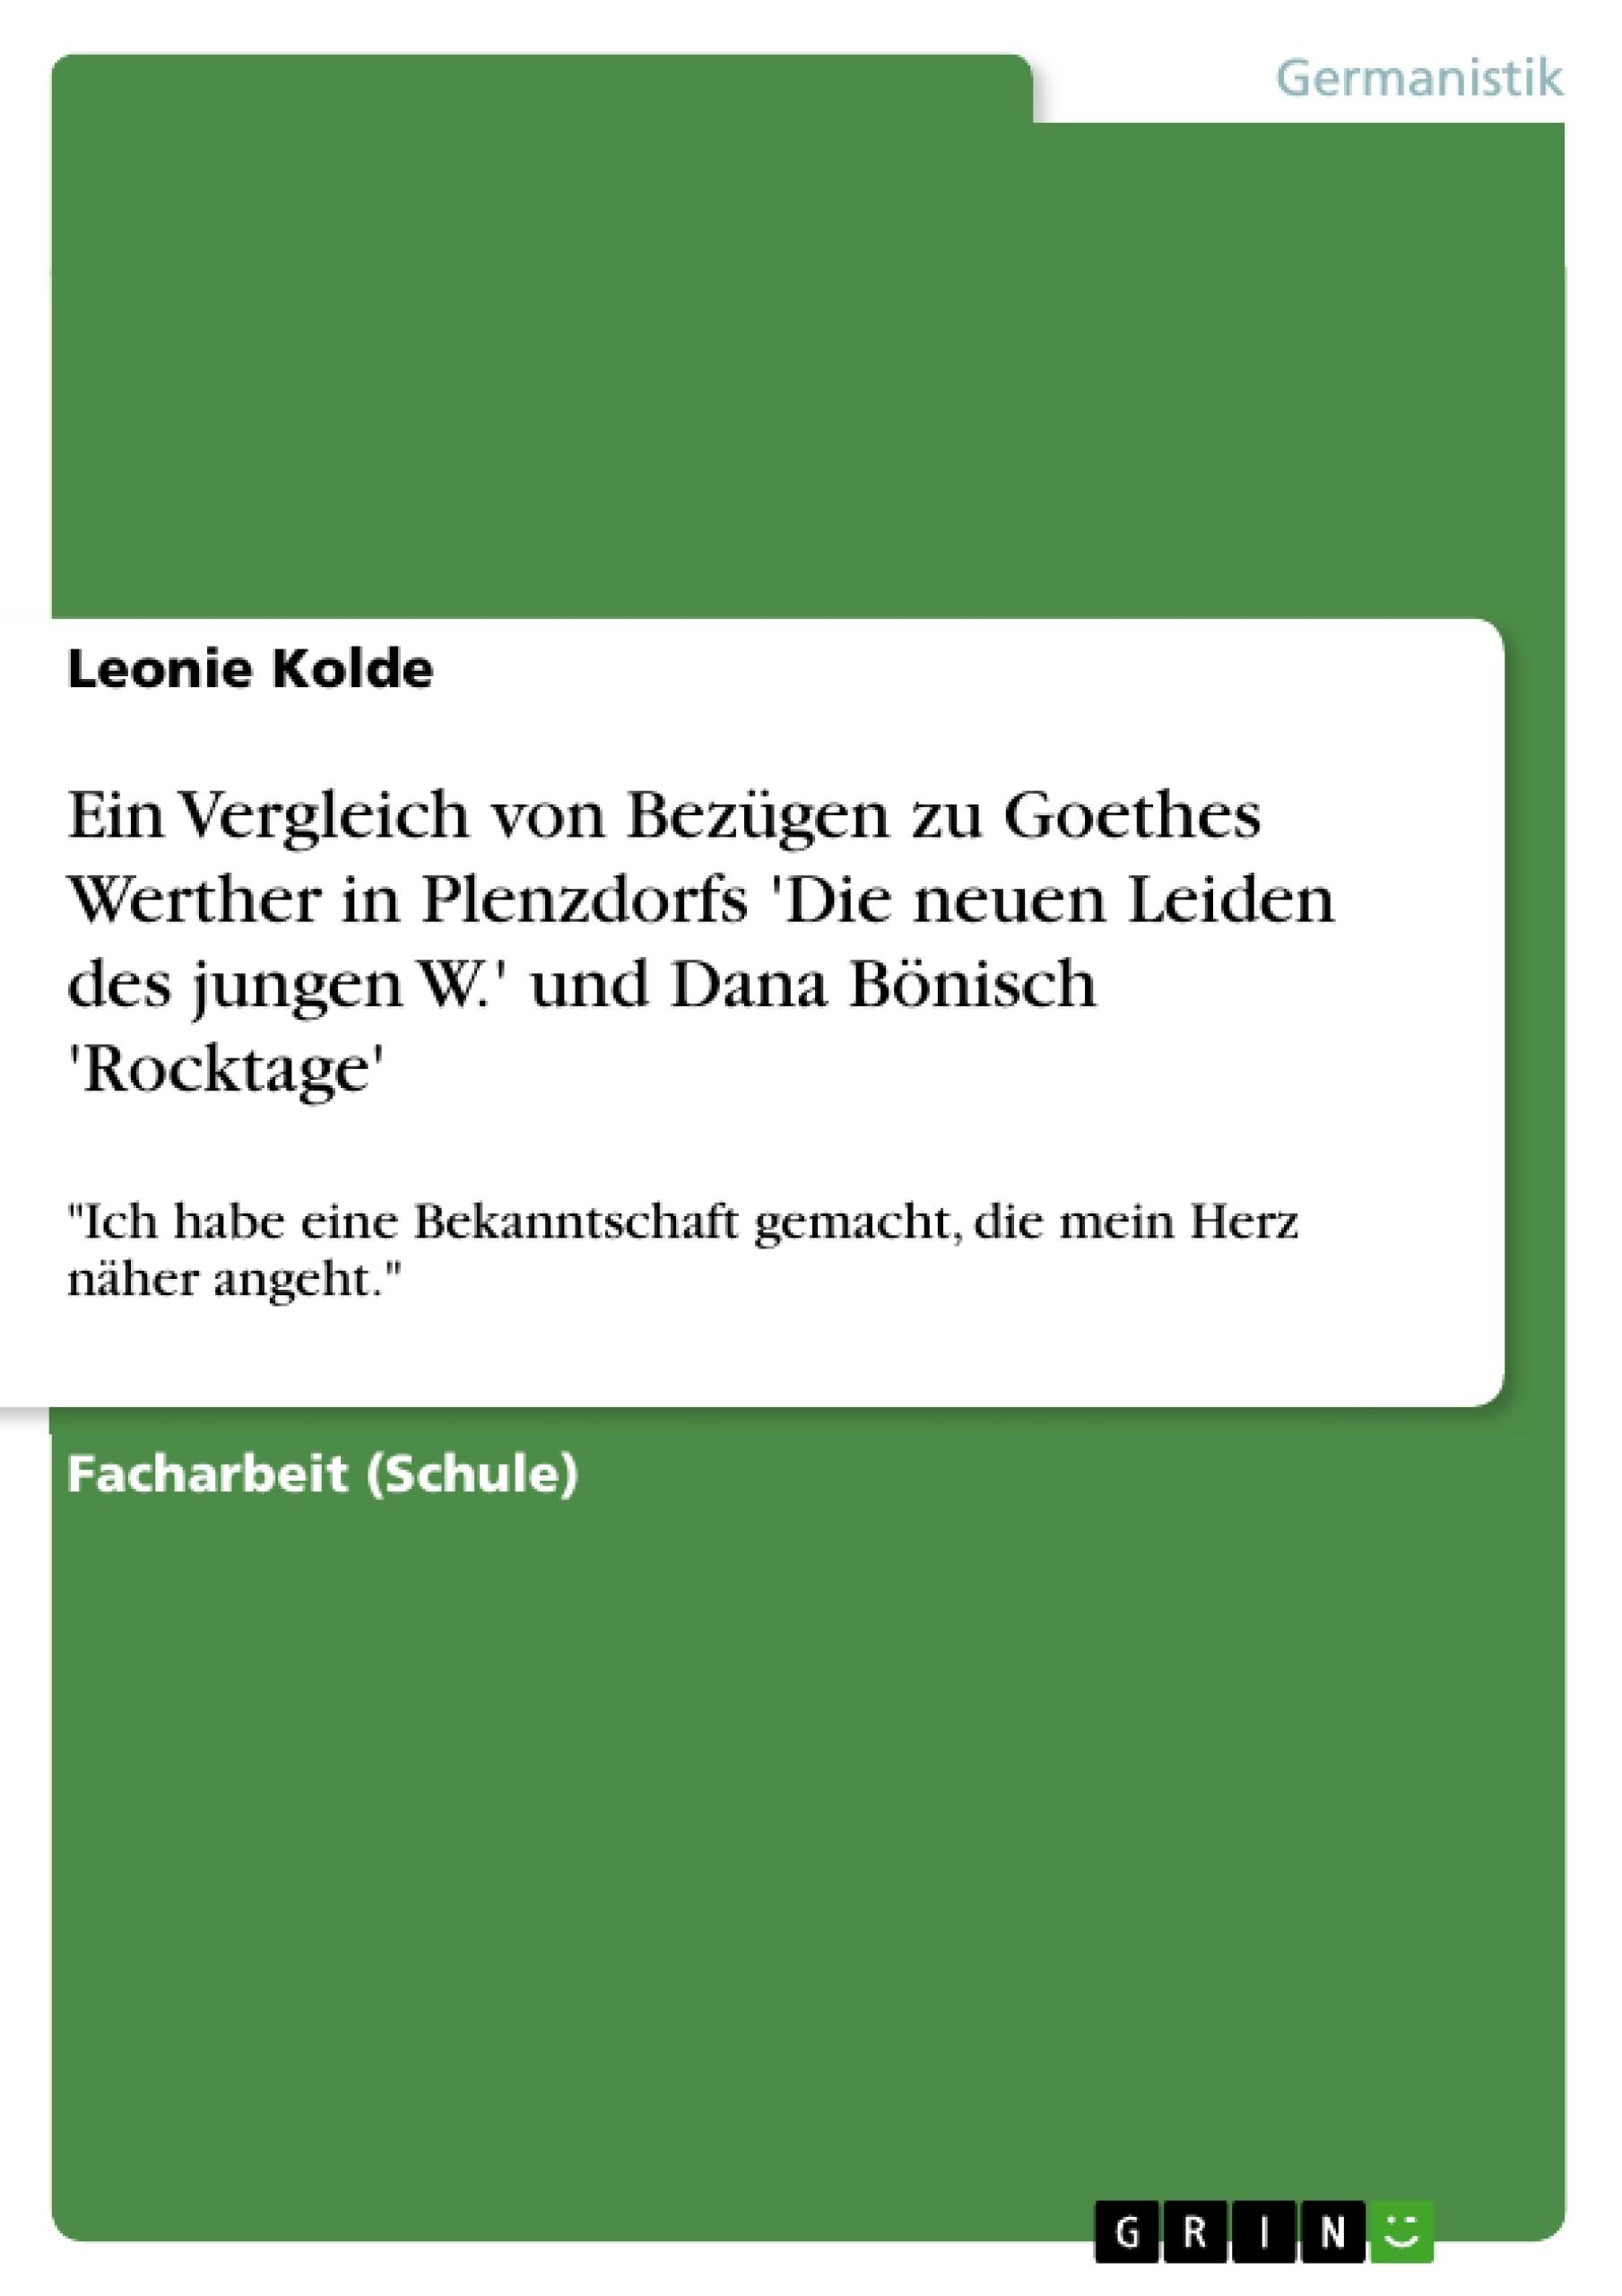 Titel: Ein Vergleich von Bezügen zu Goethes Werther in Plenzdorfs 'Die neuen Leiden des jungen W.' und Dana Bönisch 'Rocktage'